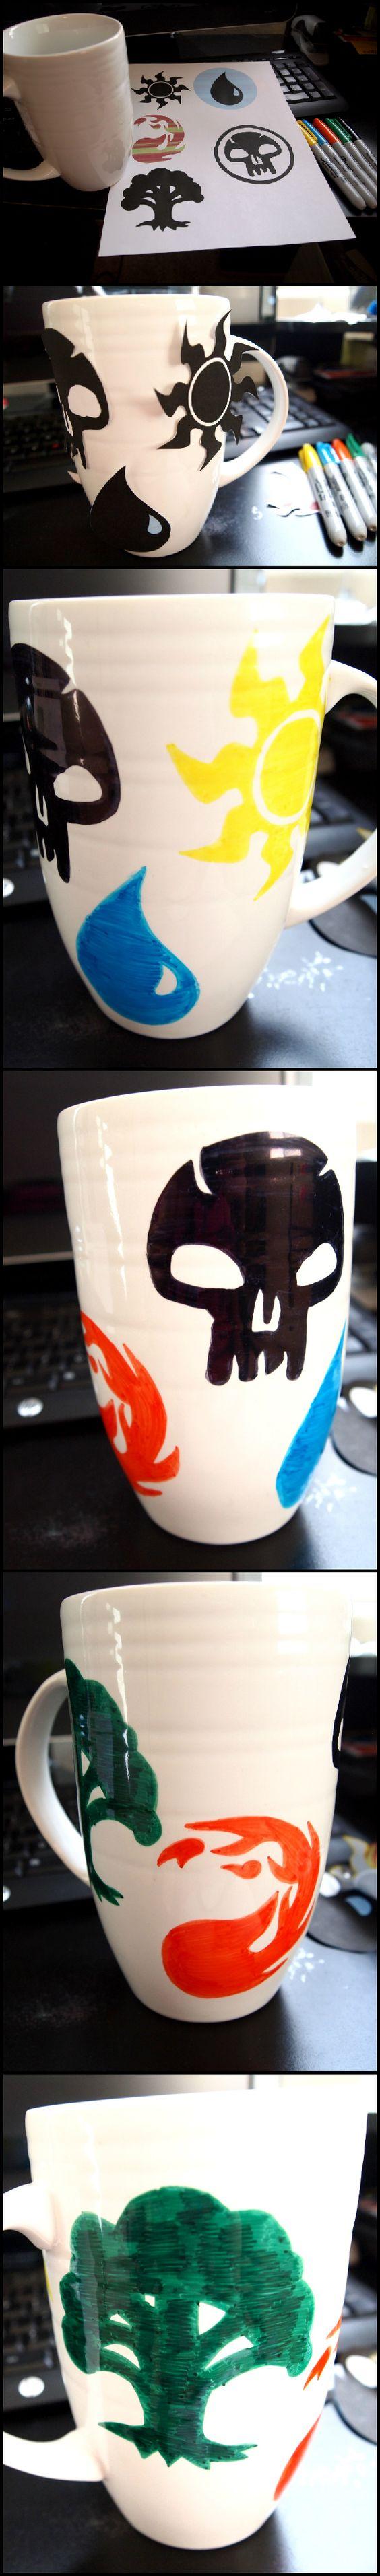 Magic The Gathering coffee mug